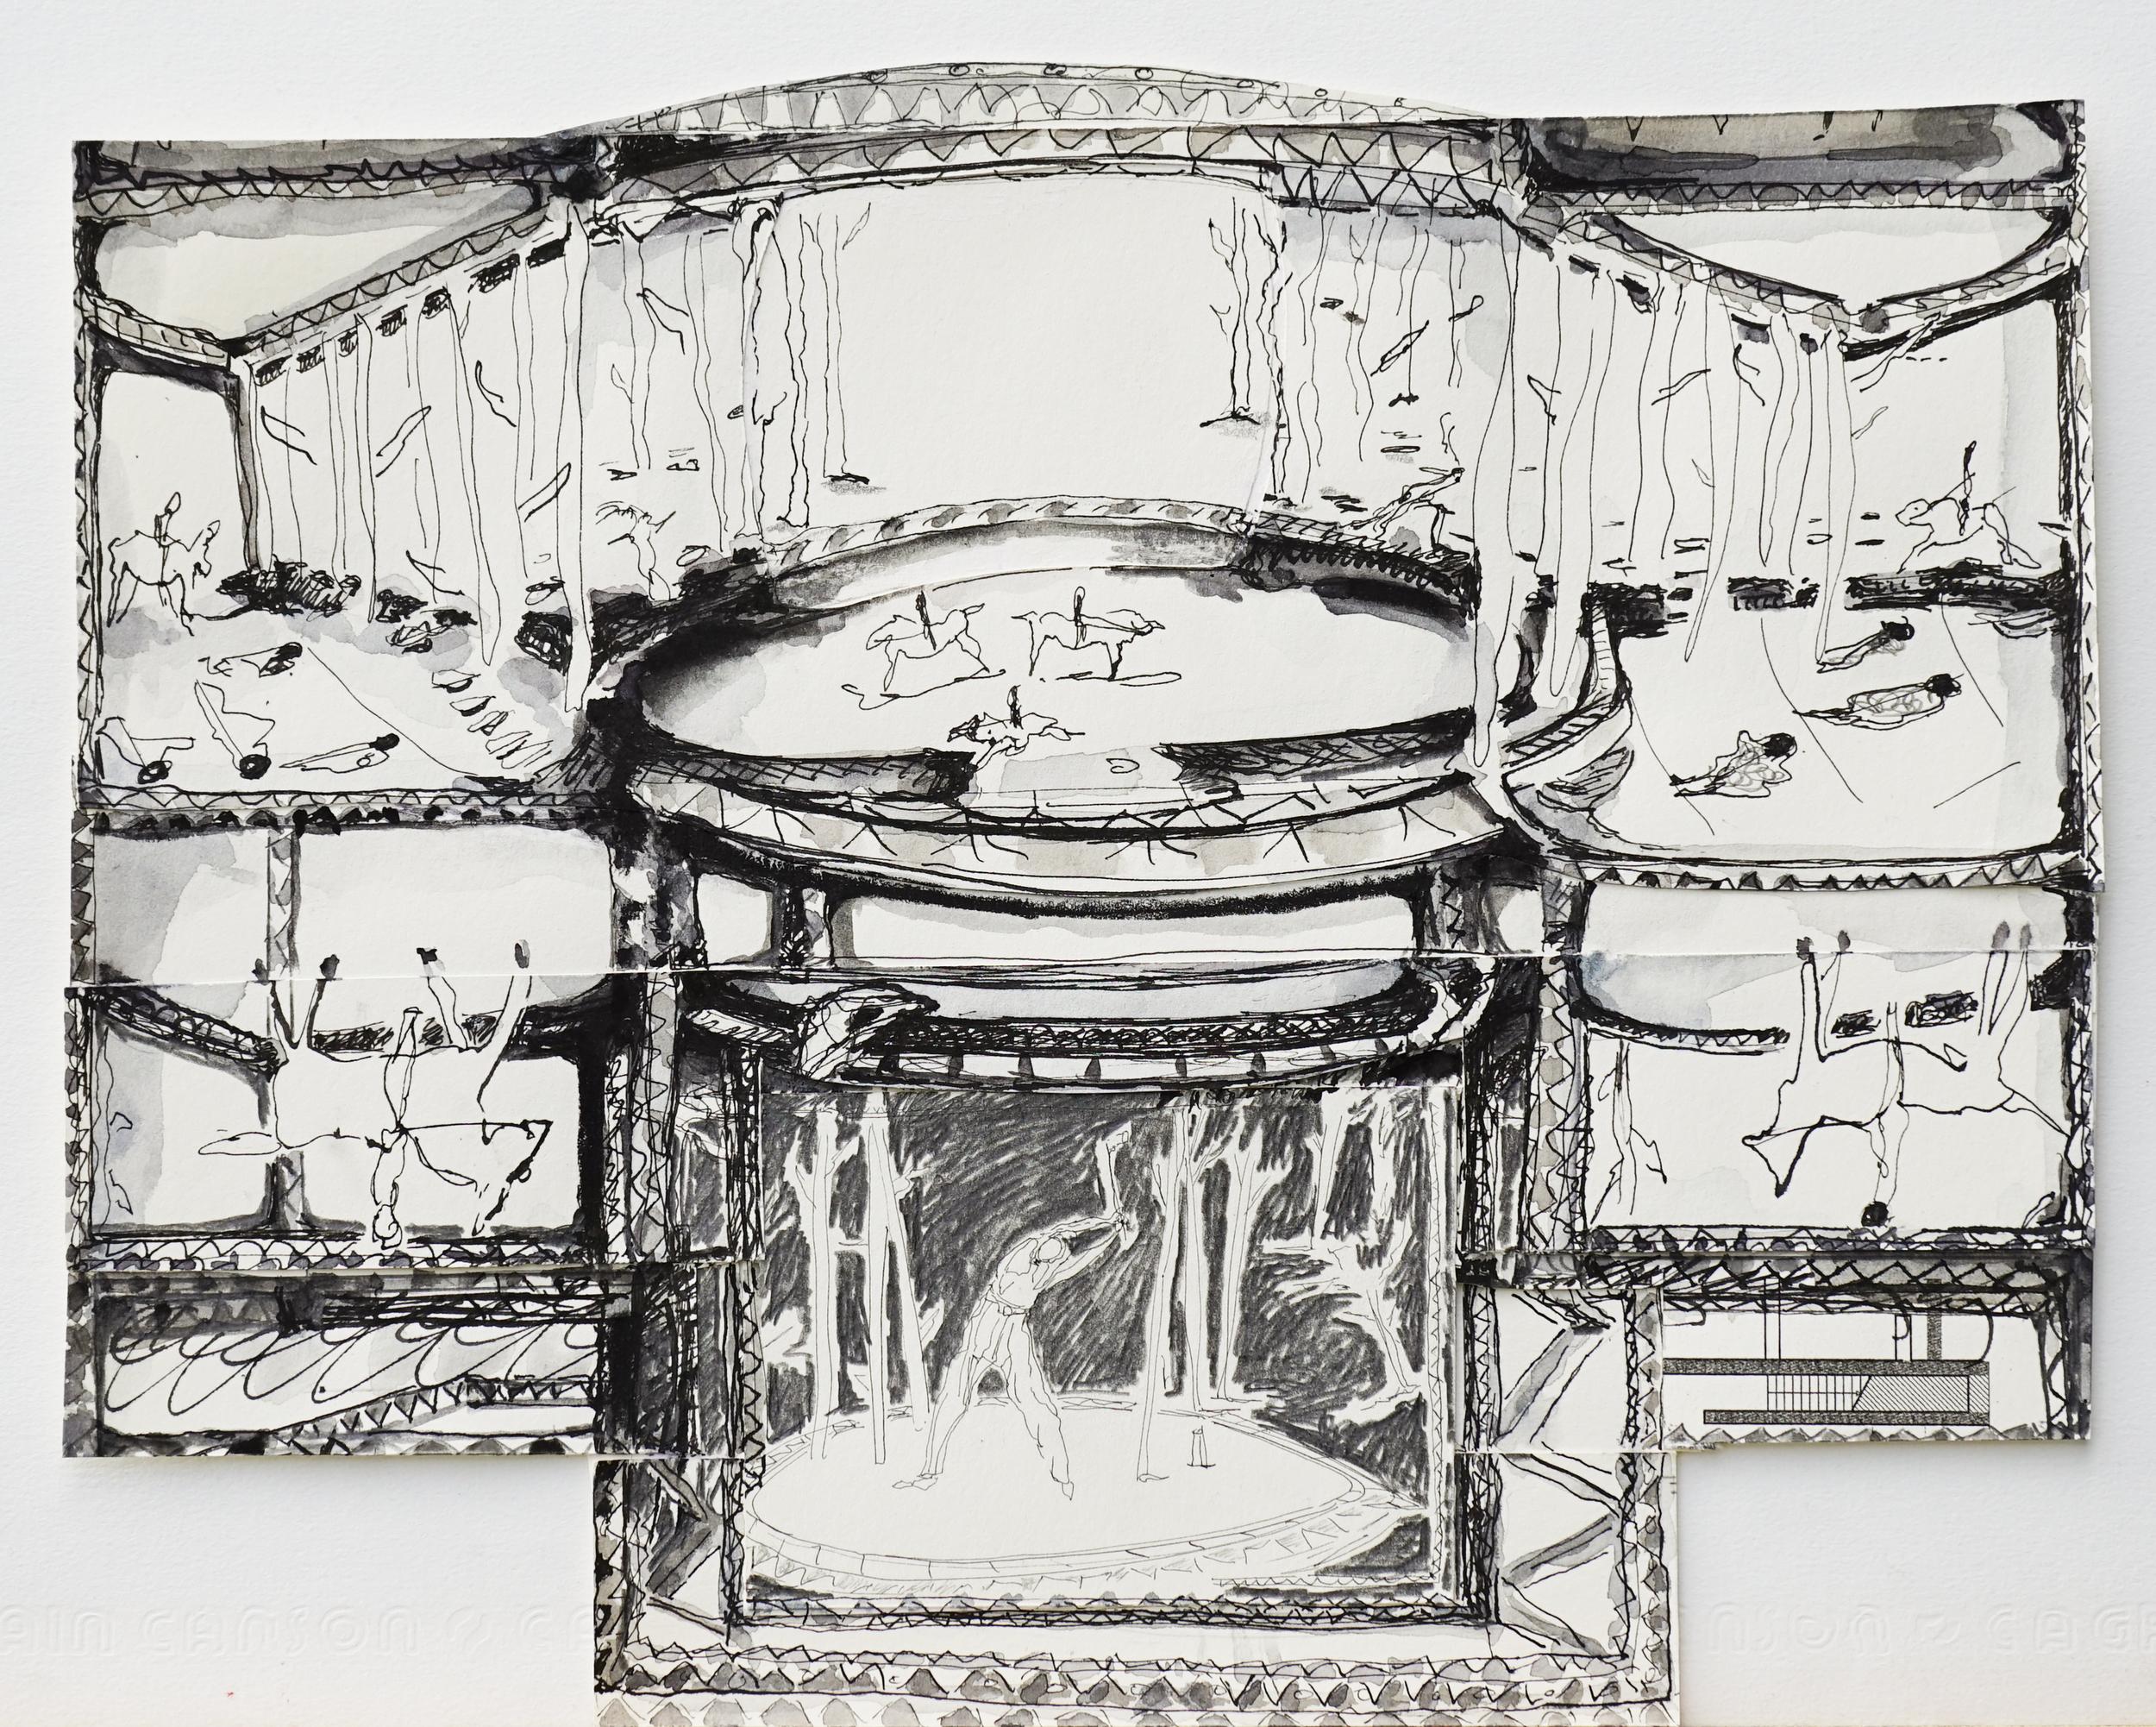 """Valérie Favre,  """"nach F. Hodler"""", de la série """"Les Petits Théâtres de la Vie"""", encre de Chine, graphite et aquarelle sur papier, 29.5 x 24,5 cm, 2014"""